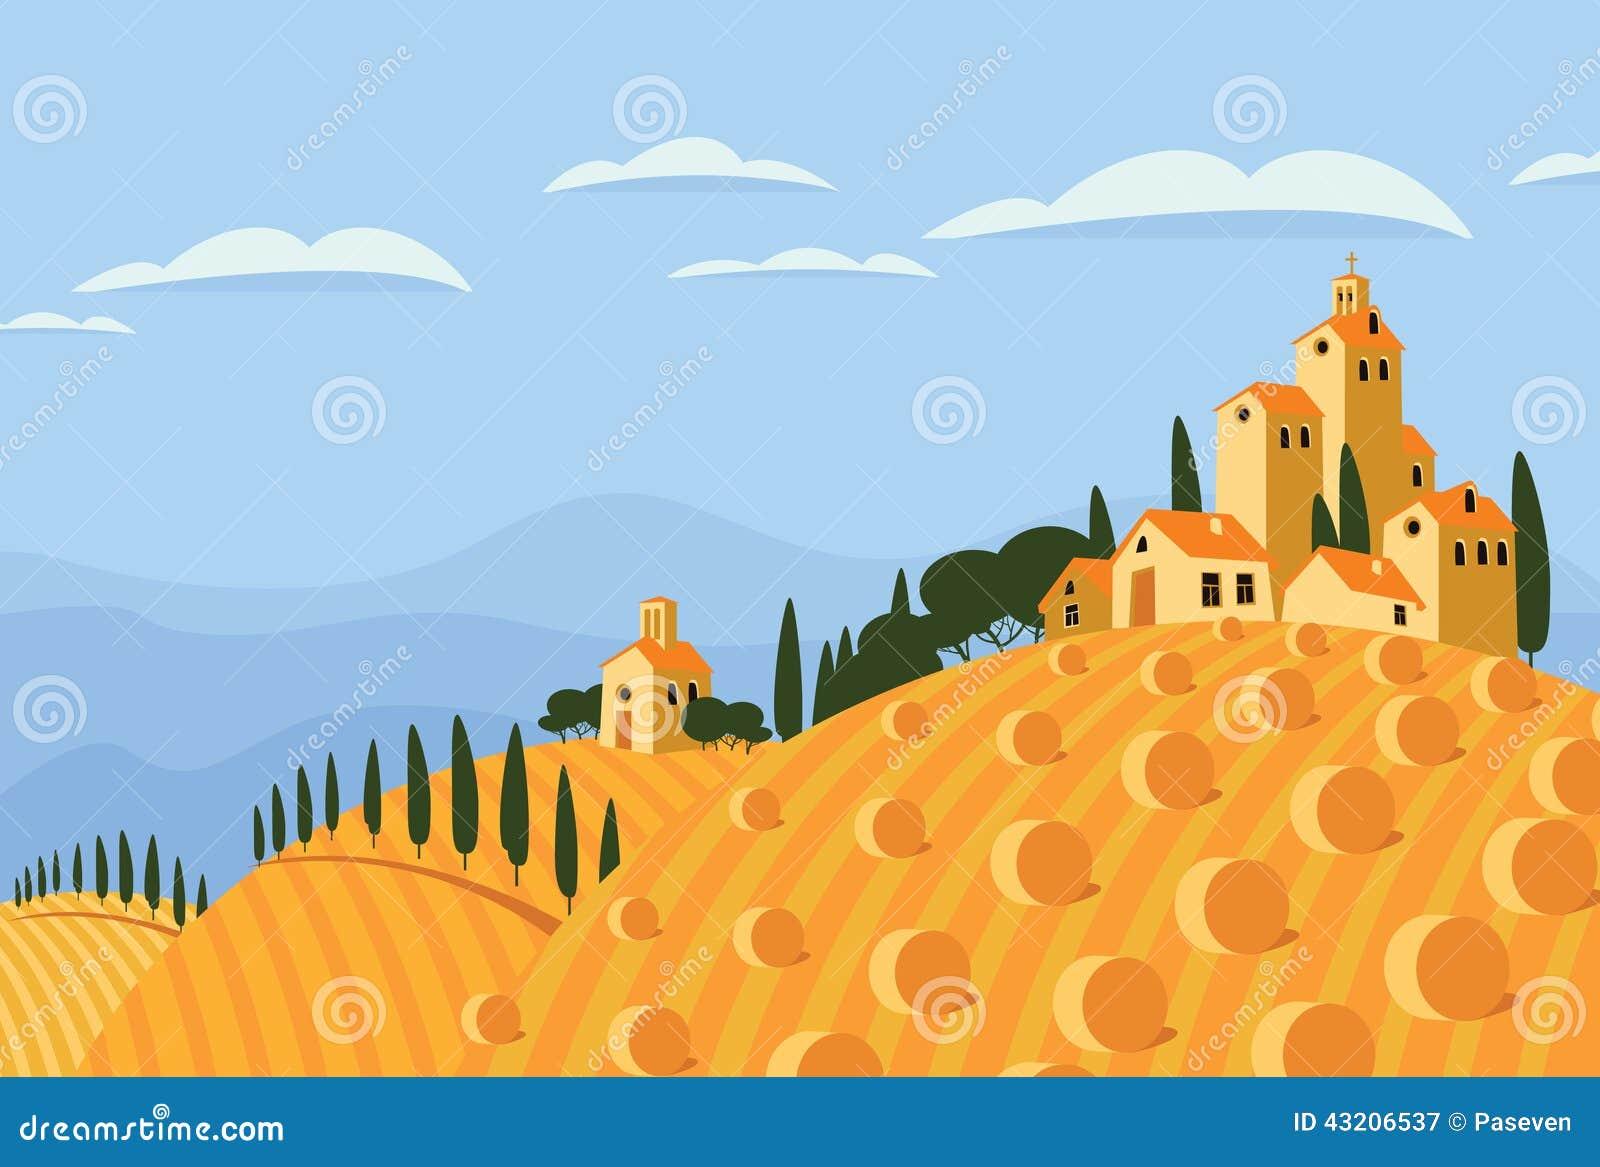 Download Hö i den italienska bygden vektor illustrationer. Illustration av italienare - 43206537